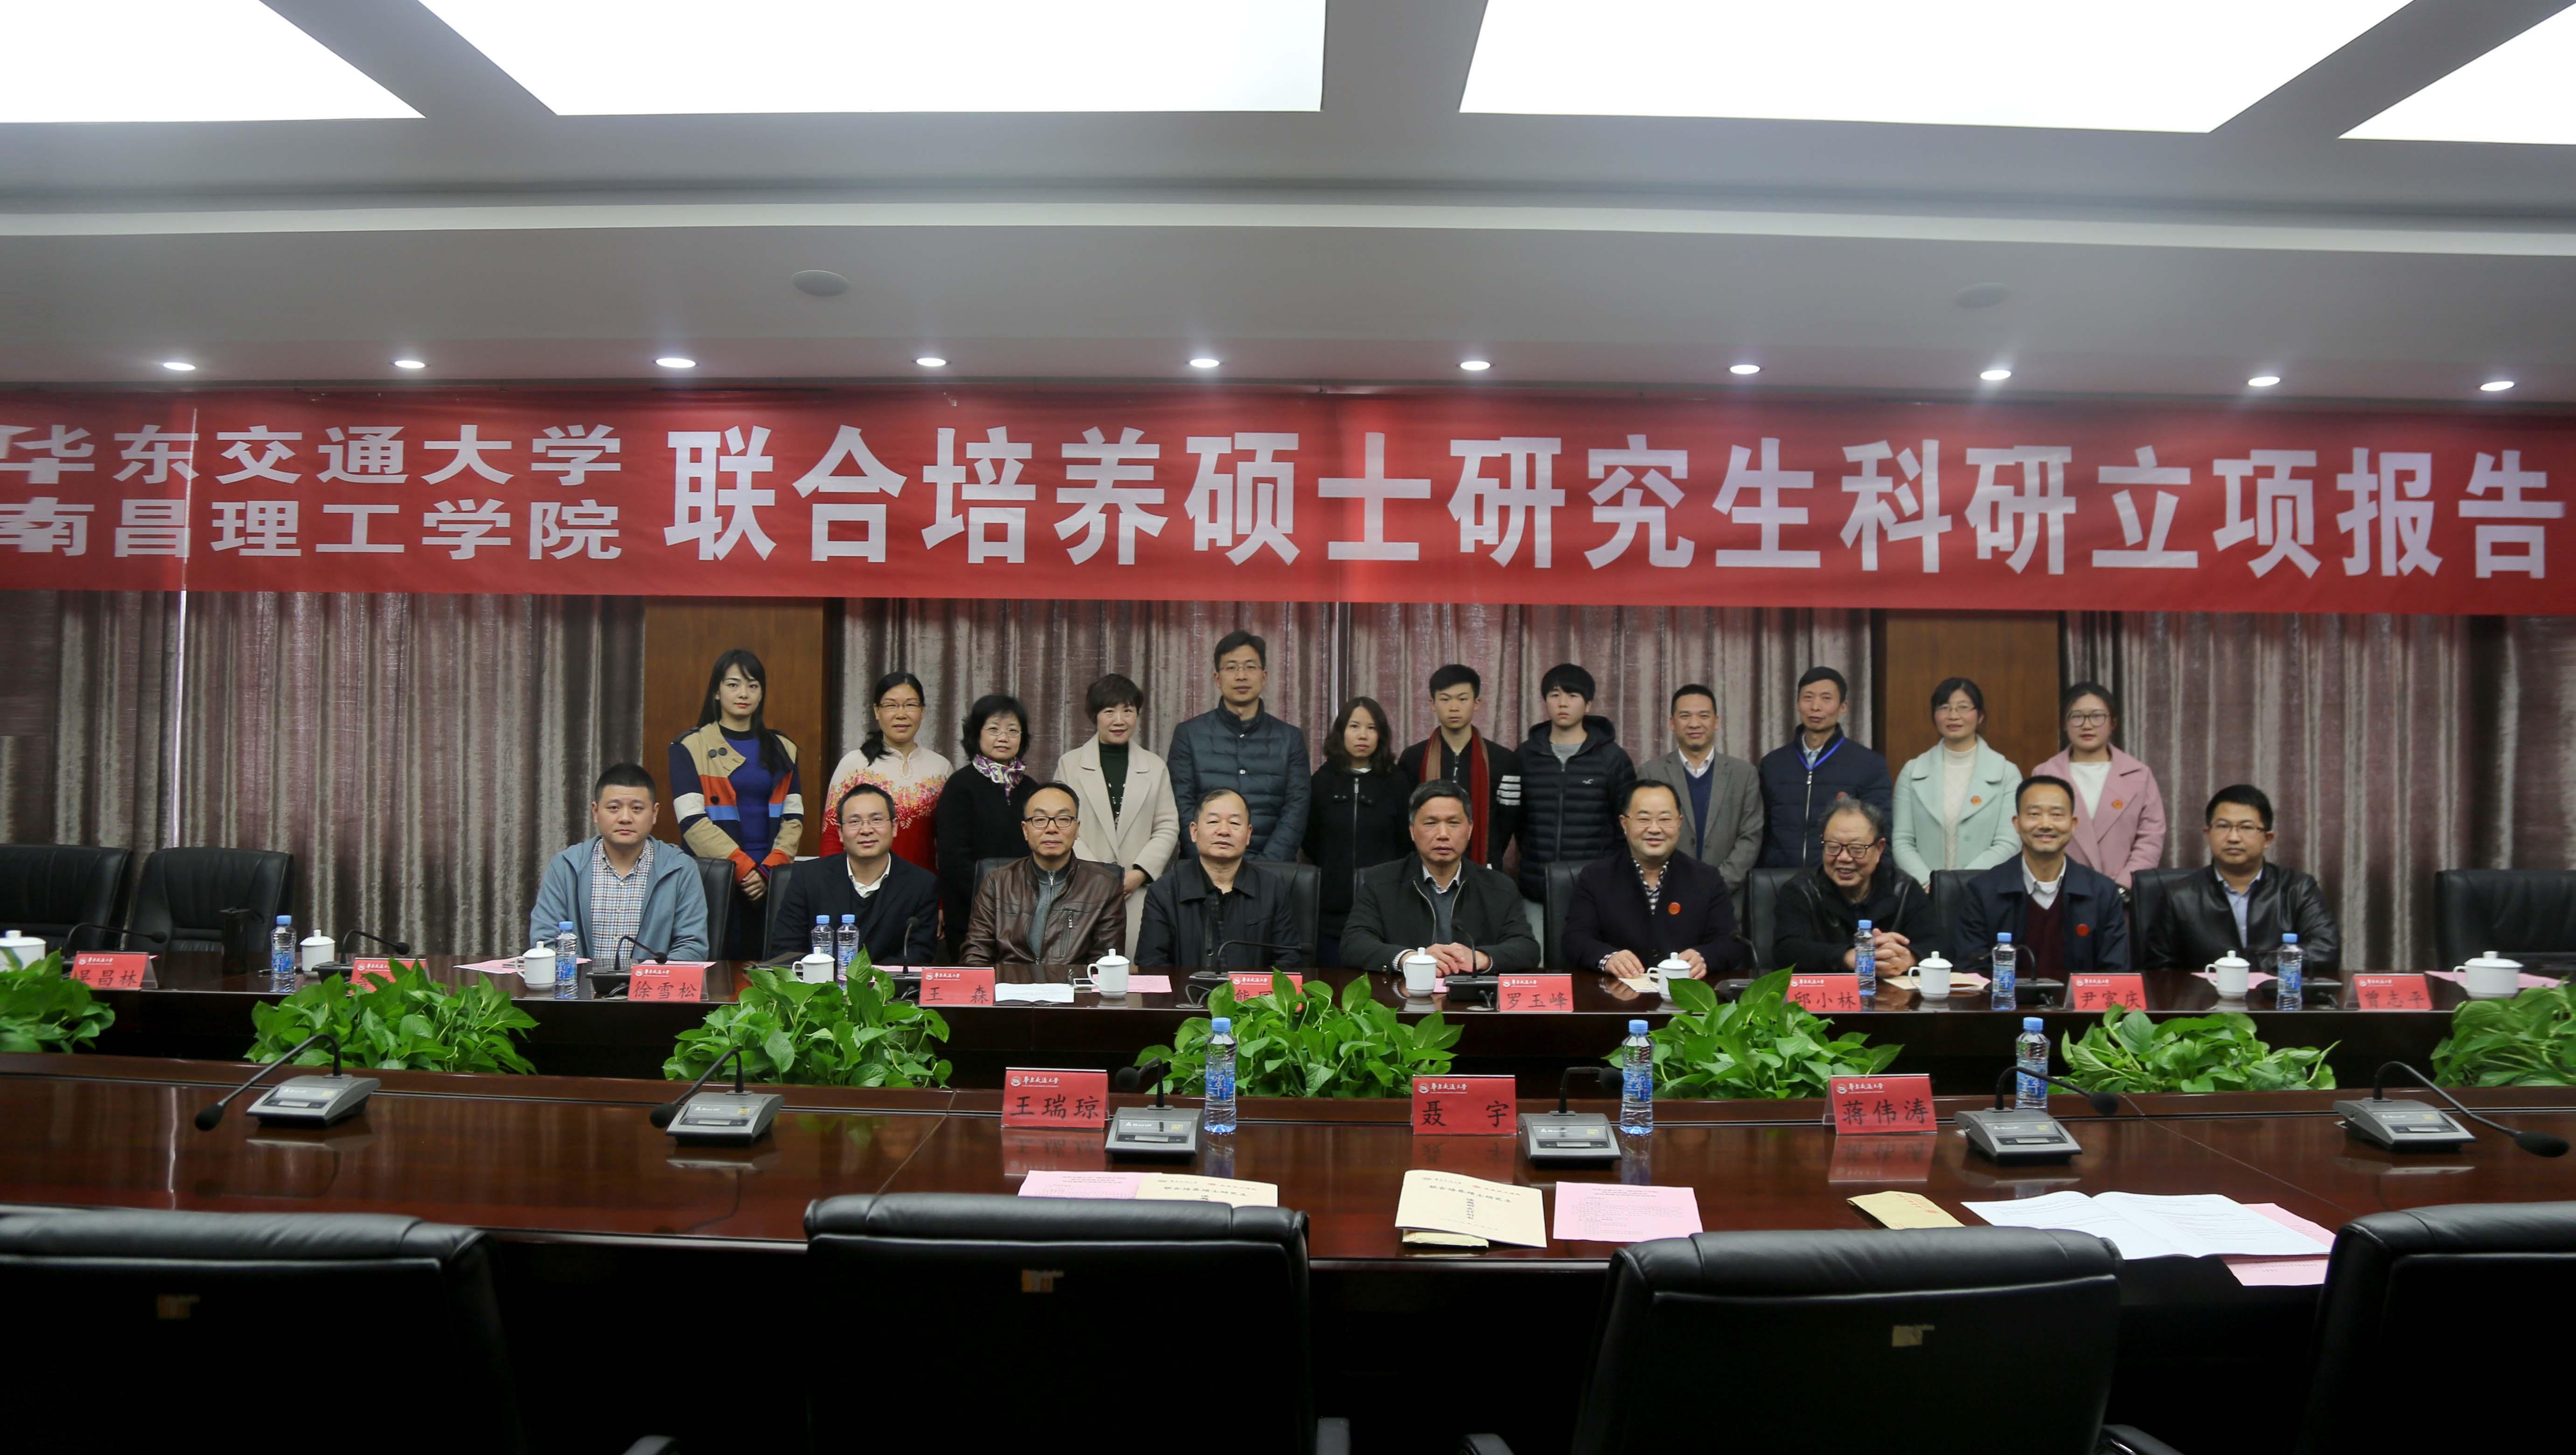 南昌理工学院与华东交通大学联合培养硕士研究生图片